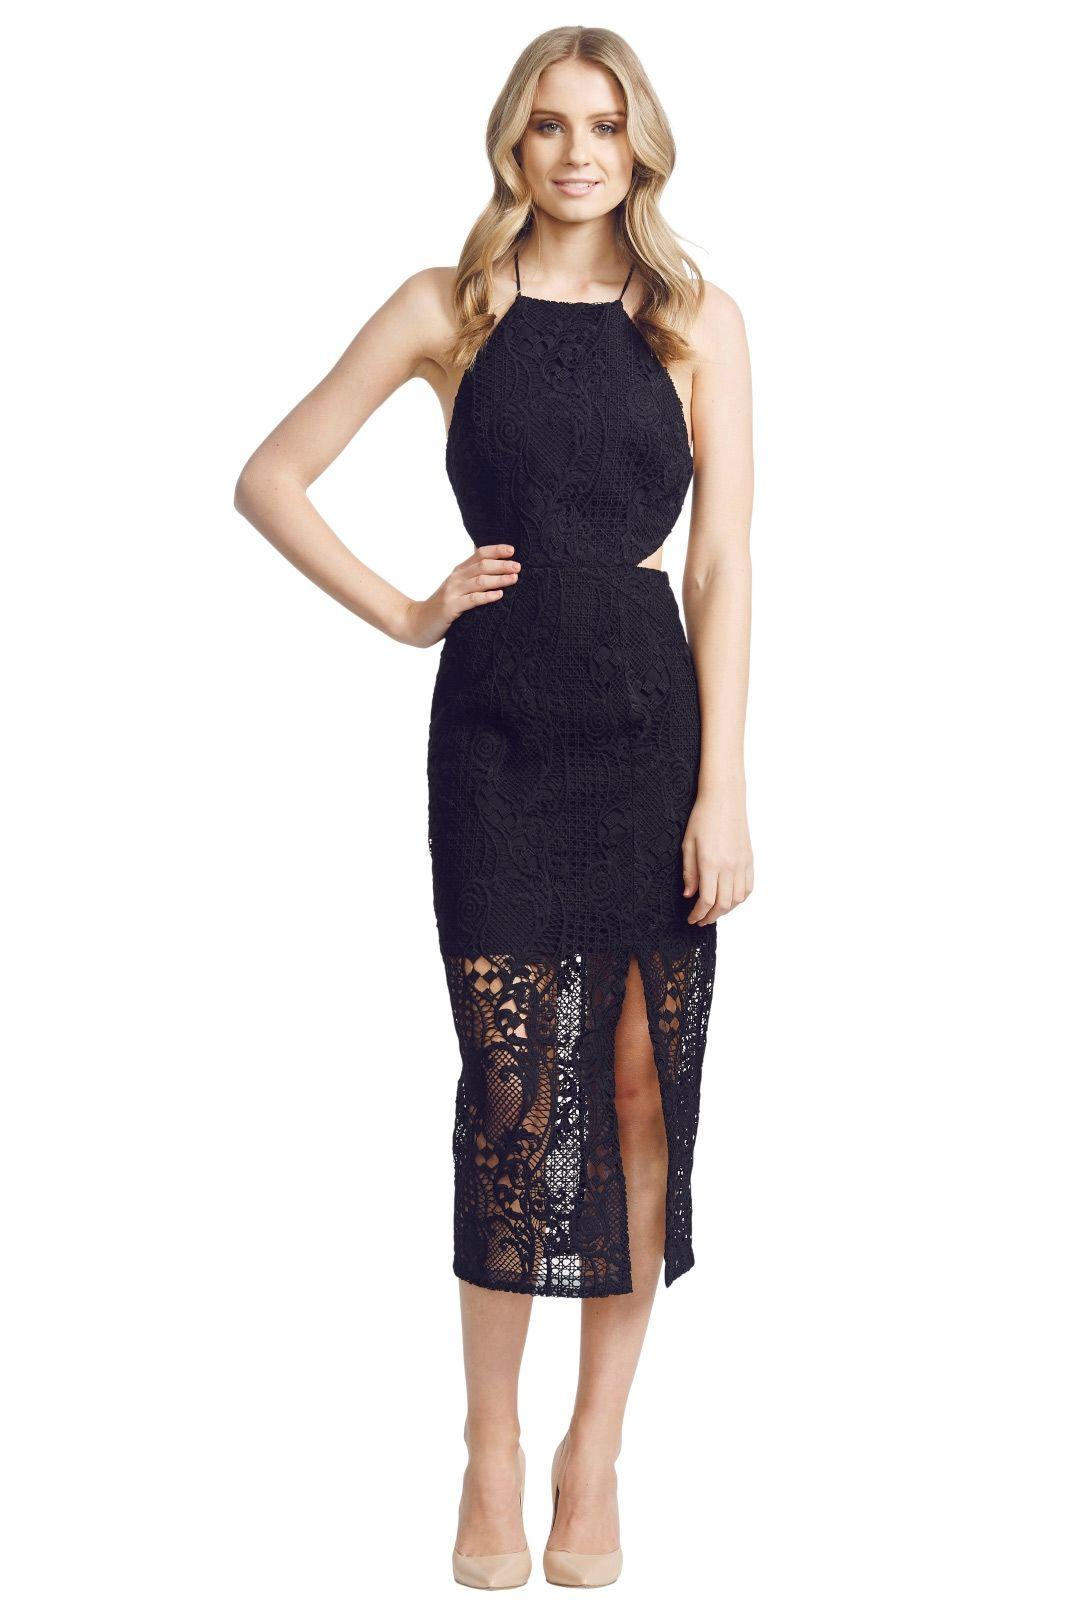 NicholasTheLabel - Fleur Lace Bross Back Dress - Black - Front